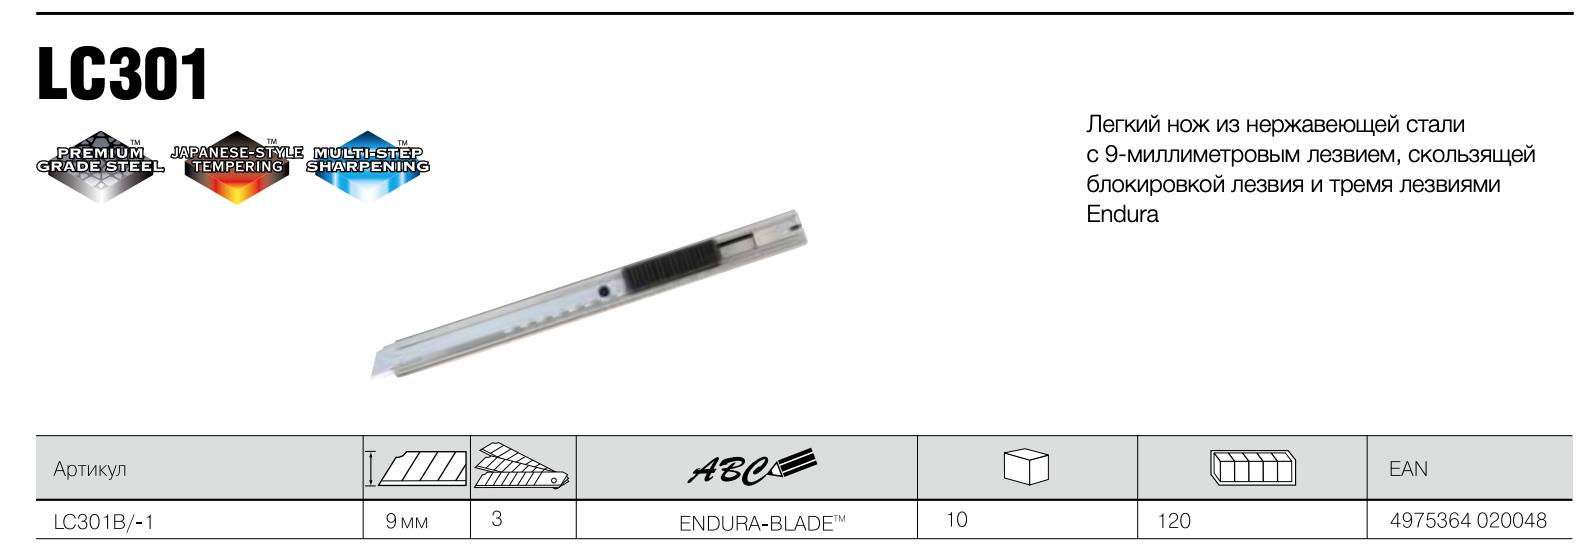 Нож легкий из нержавеющей стали TAJIMA LC301 9 мм (3 лезвия, автофиксация) LC301